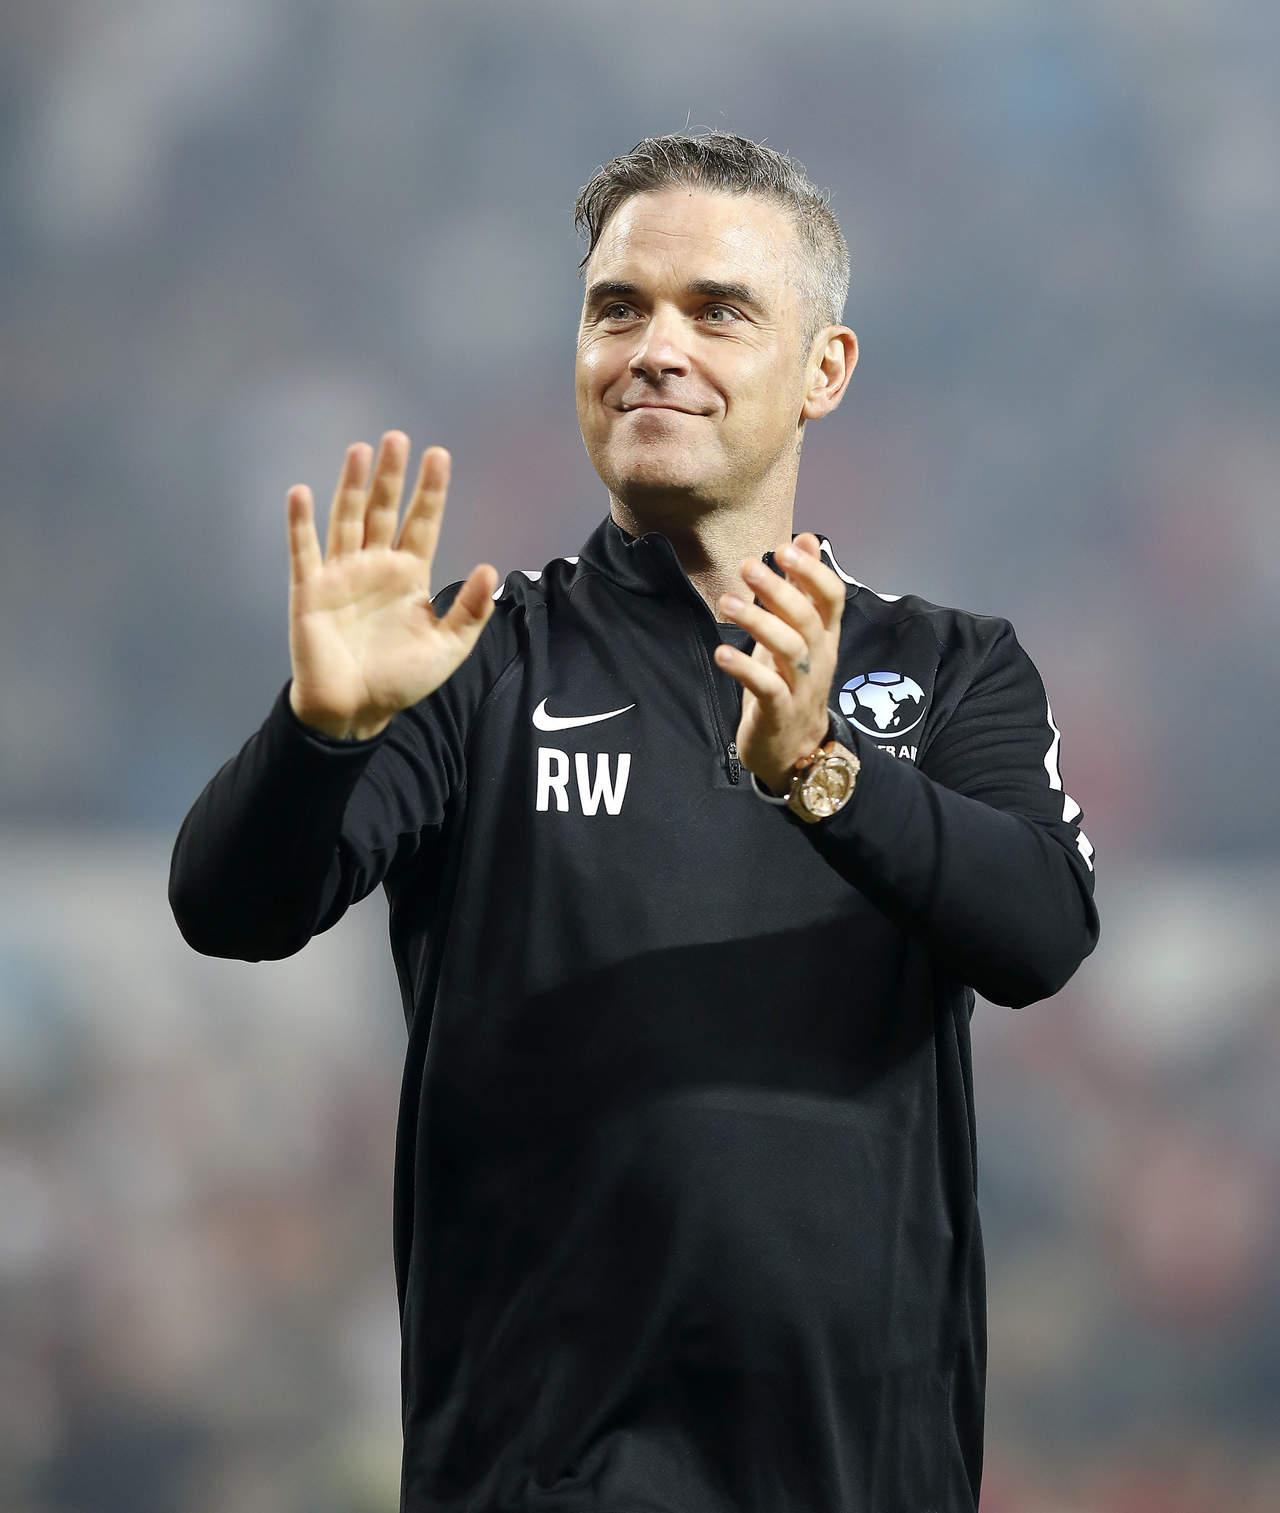 El Mundial es un sueño de la infancia: Robbie Williams